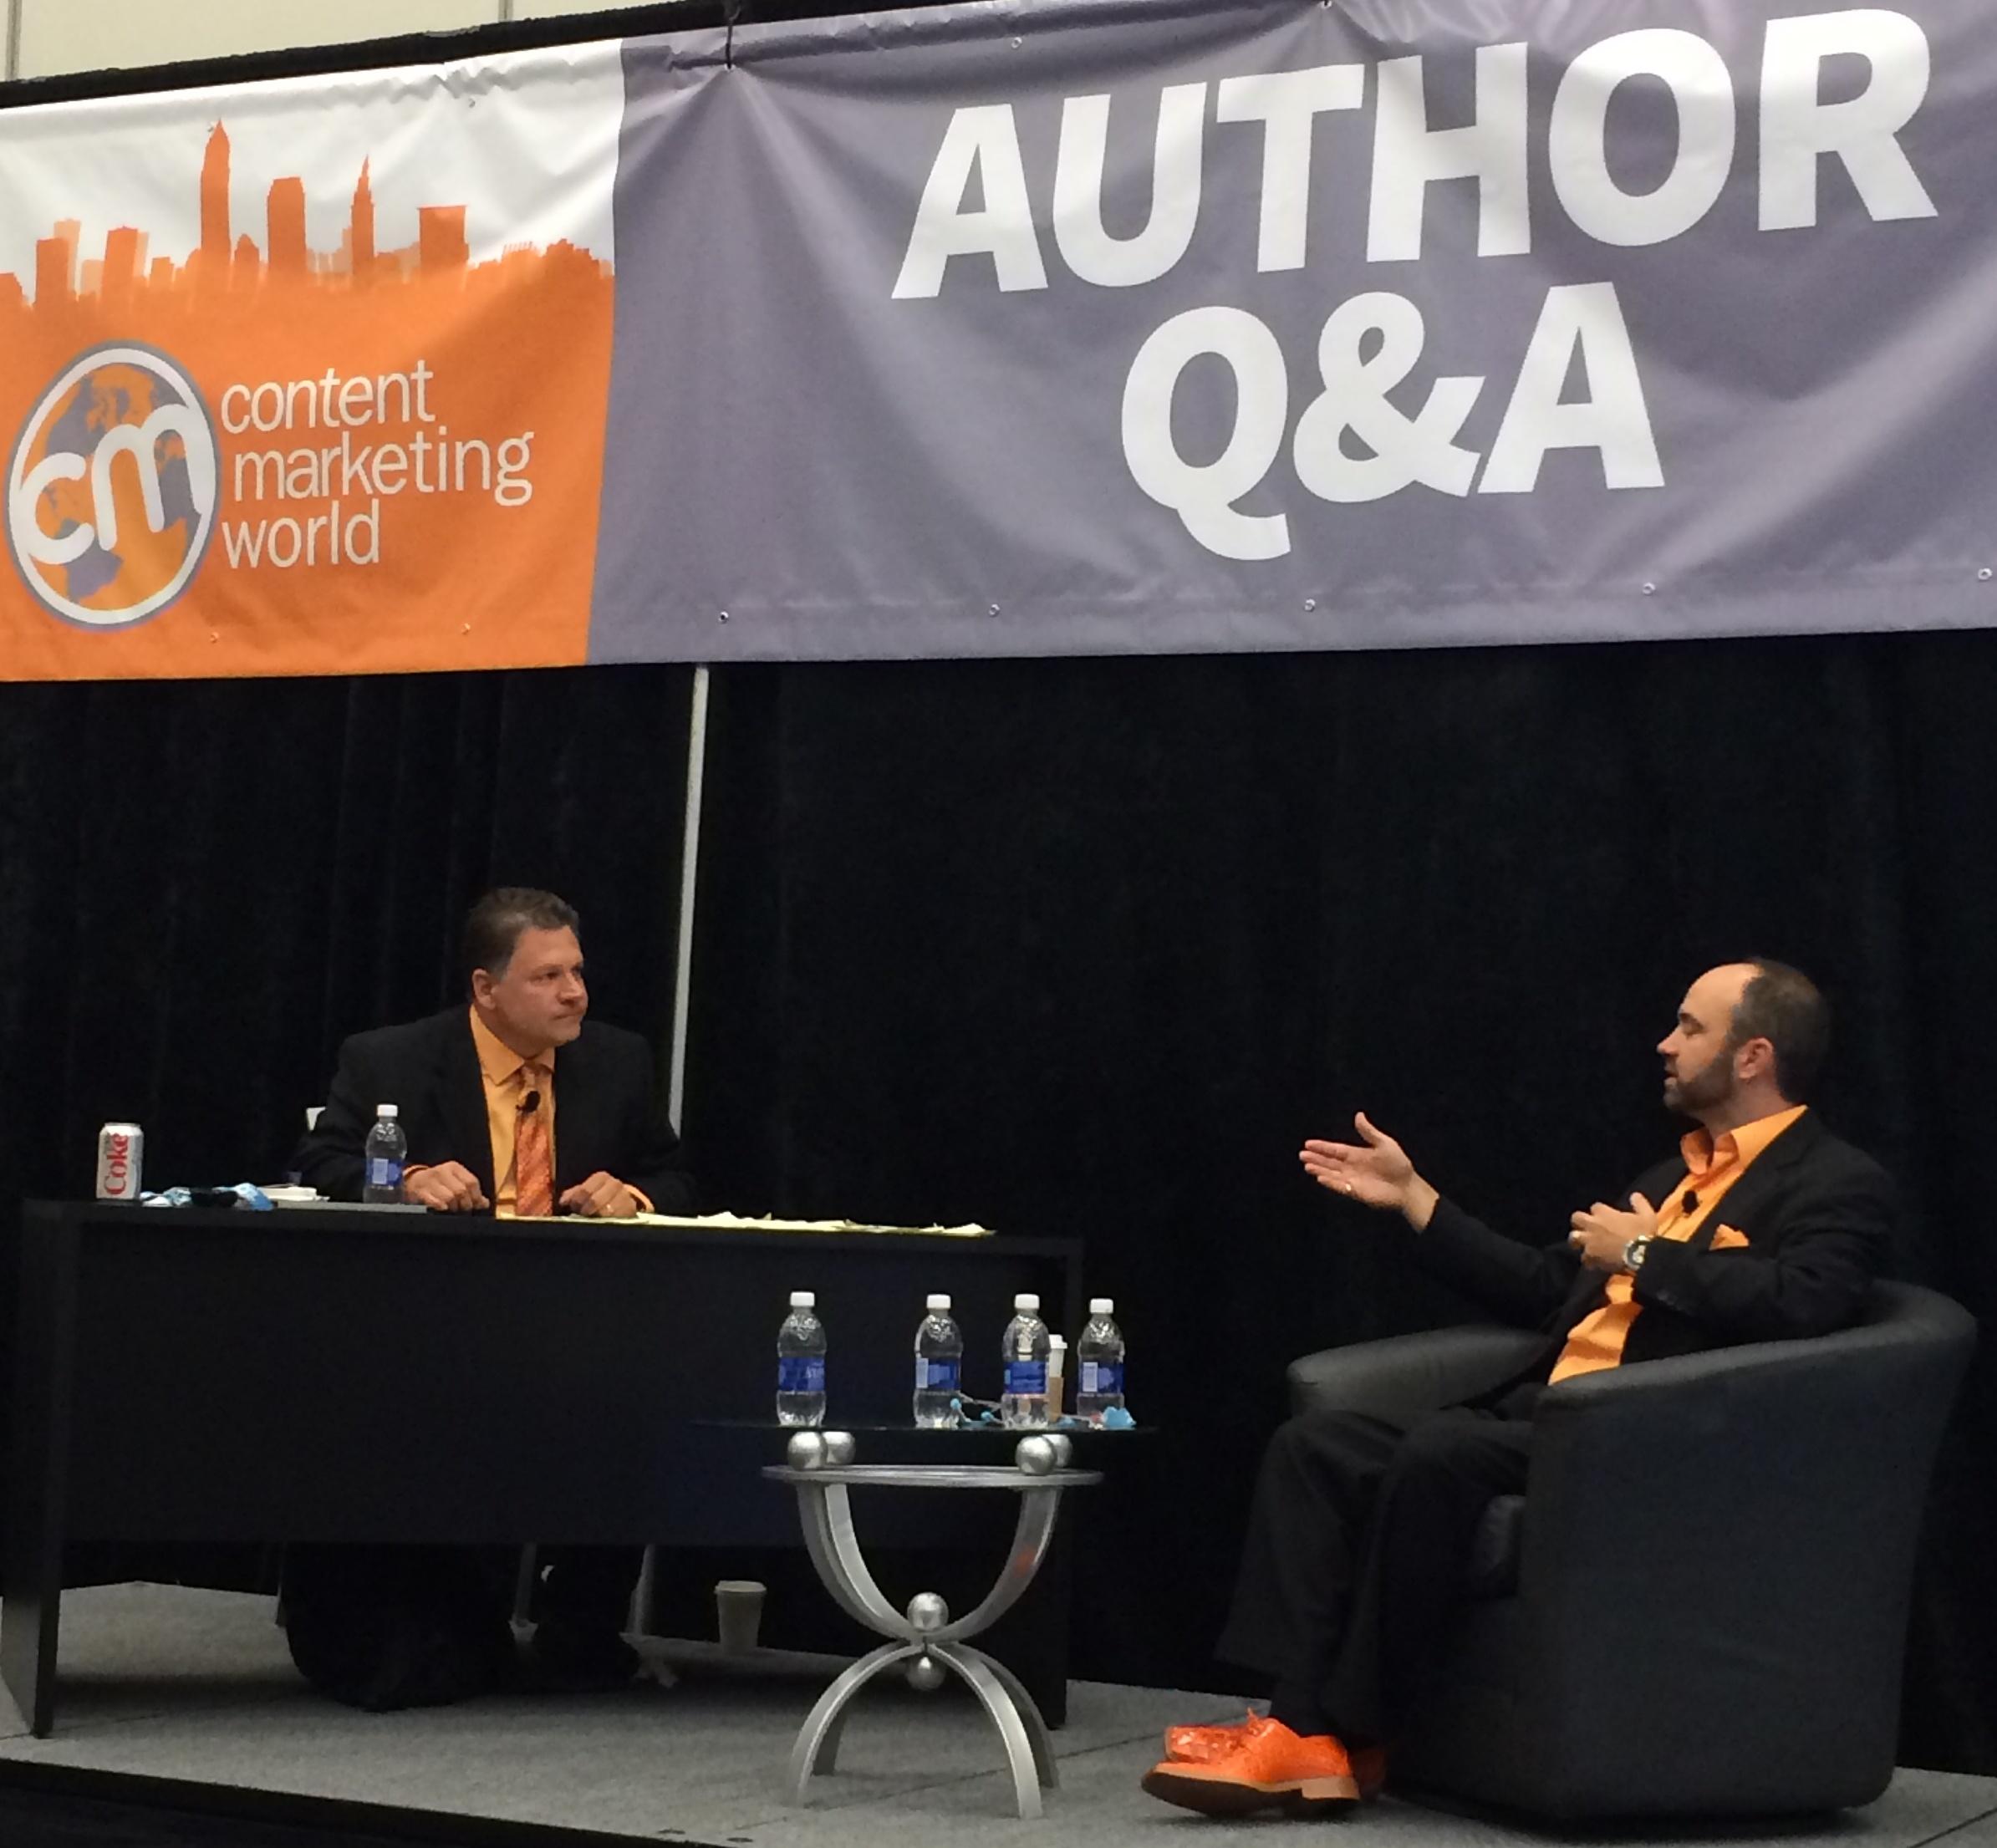 Buddy Scalera Interviewing Joe Pulizzi